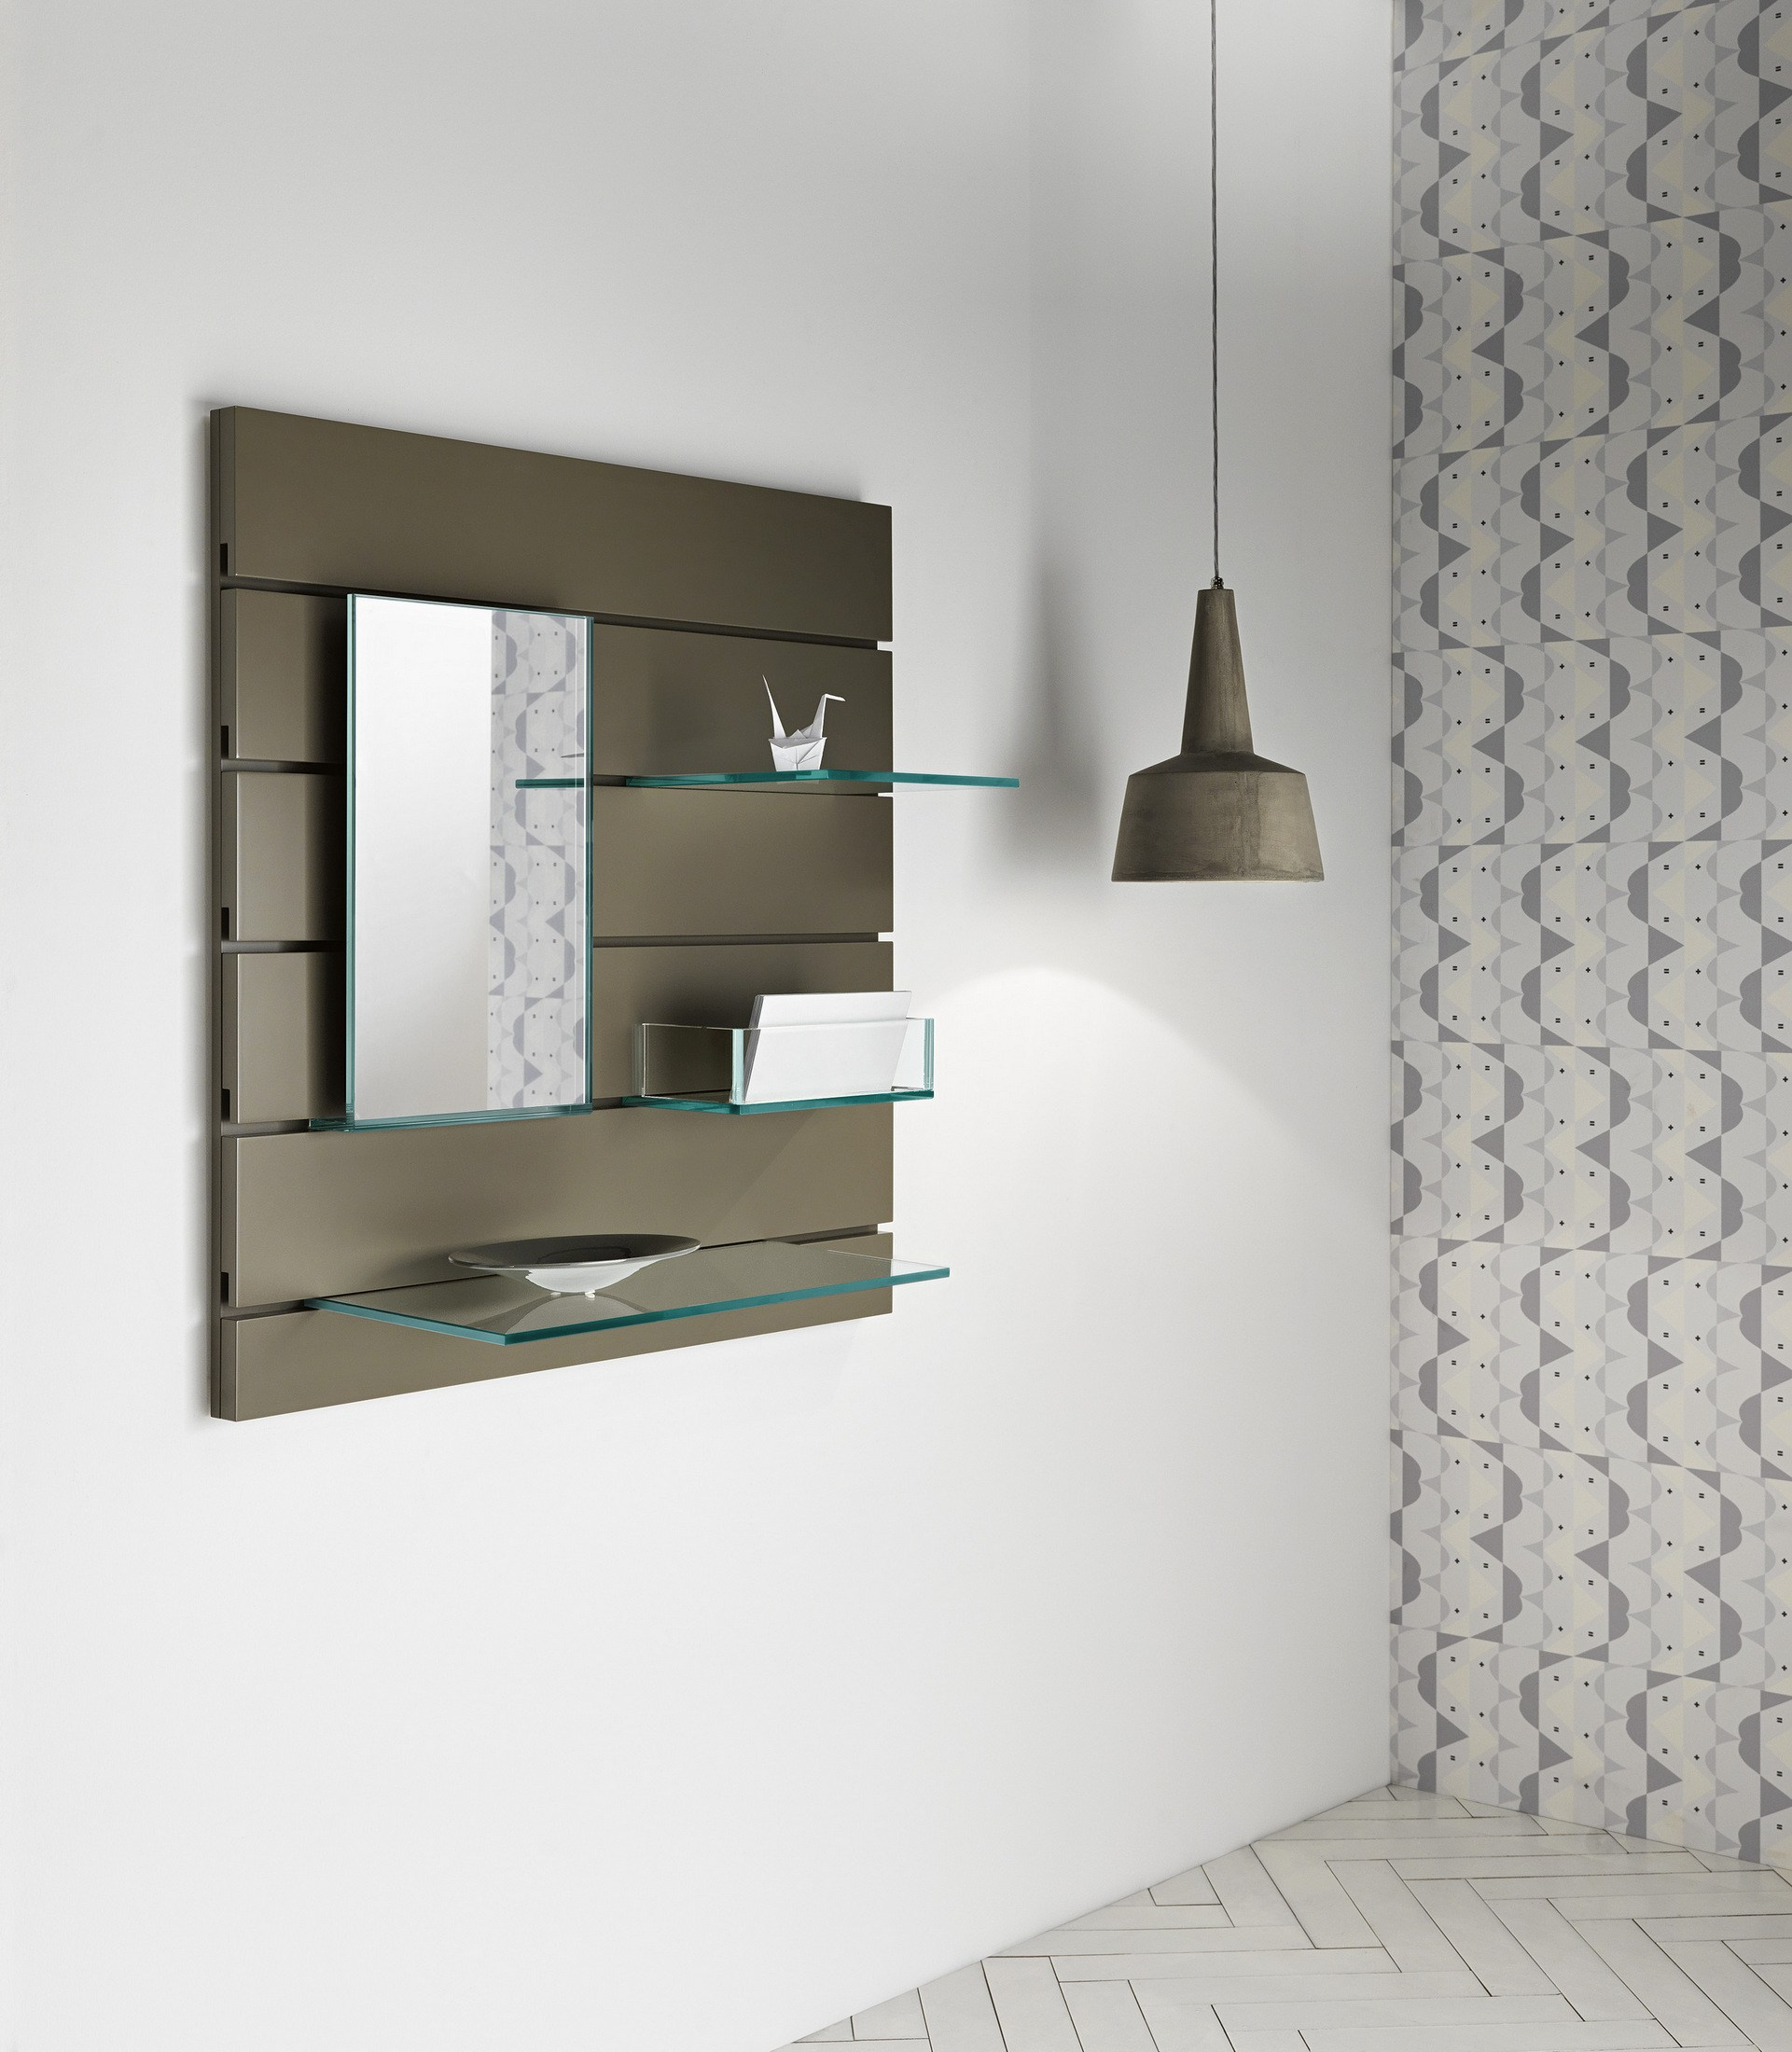 Specchio Mensola In Vetro In Fila By T D Tonelli Design